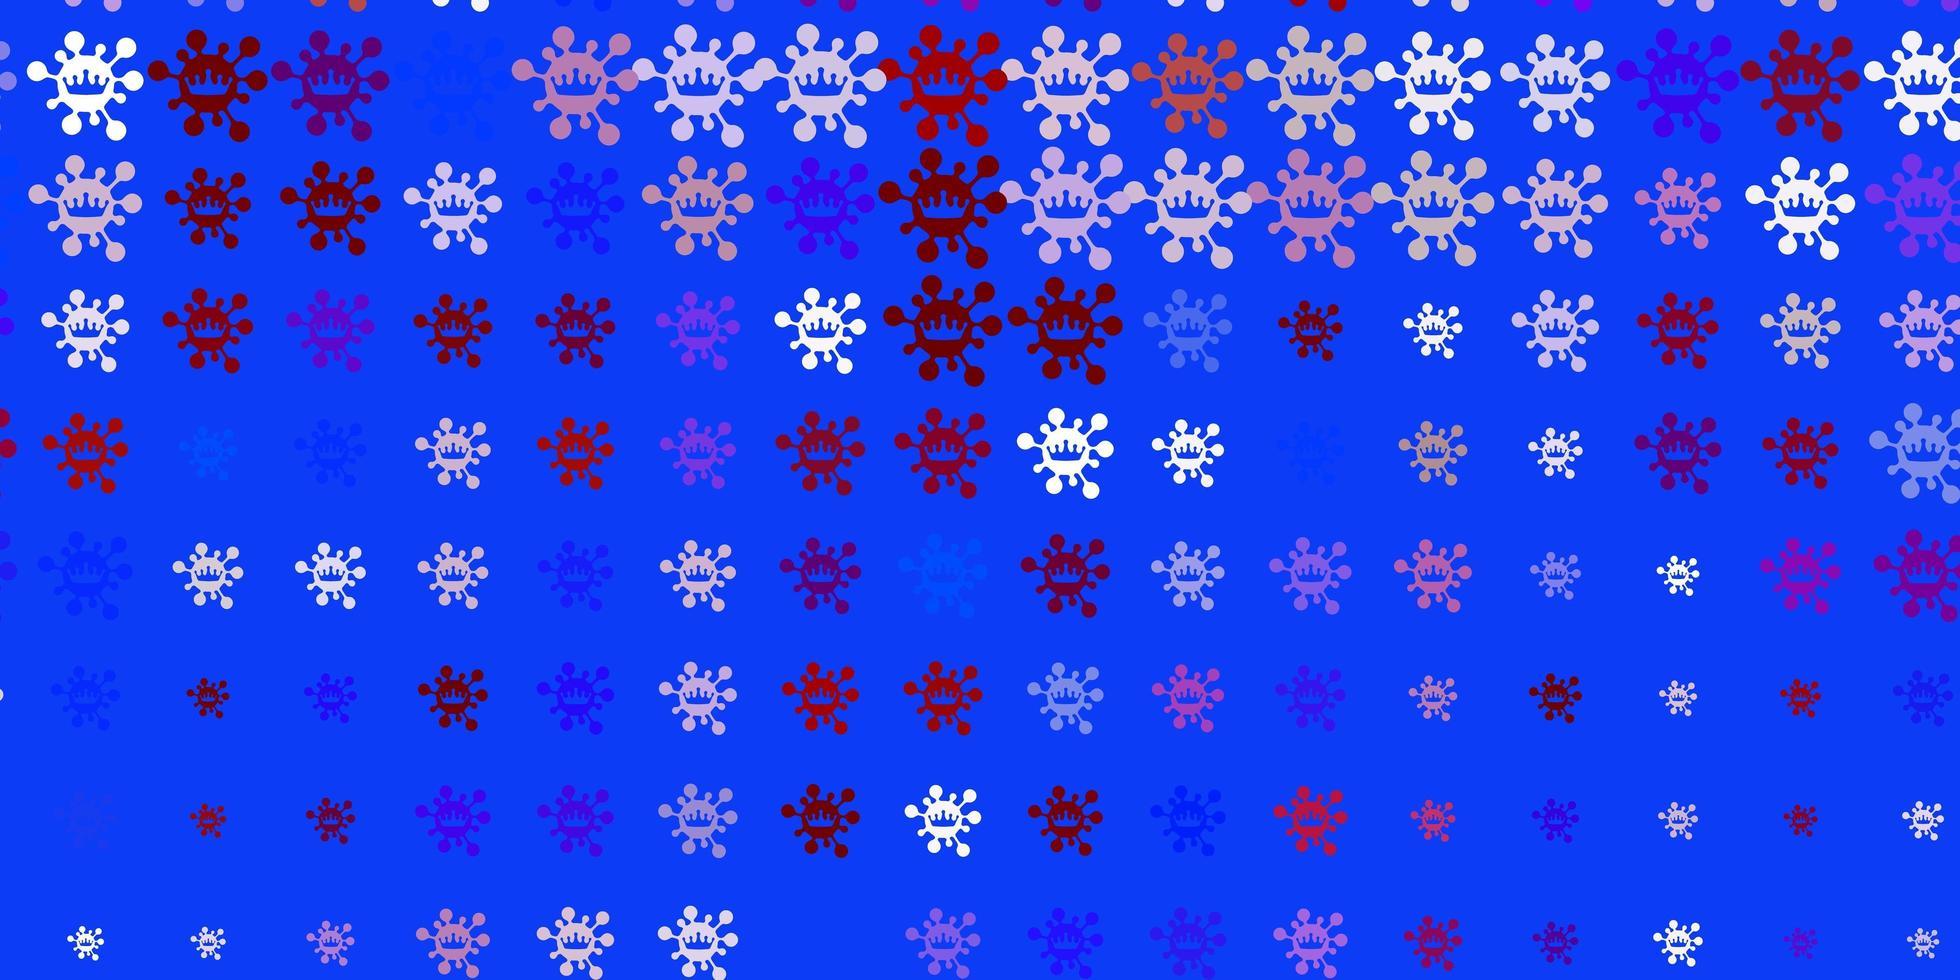 lichtblauw, rood vectorpatroon met coronaviruselementen vector